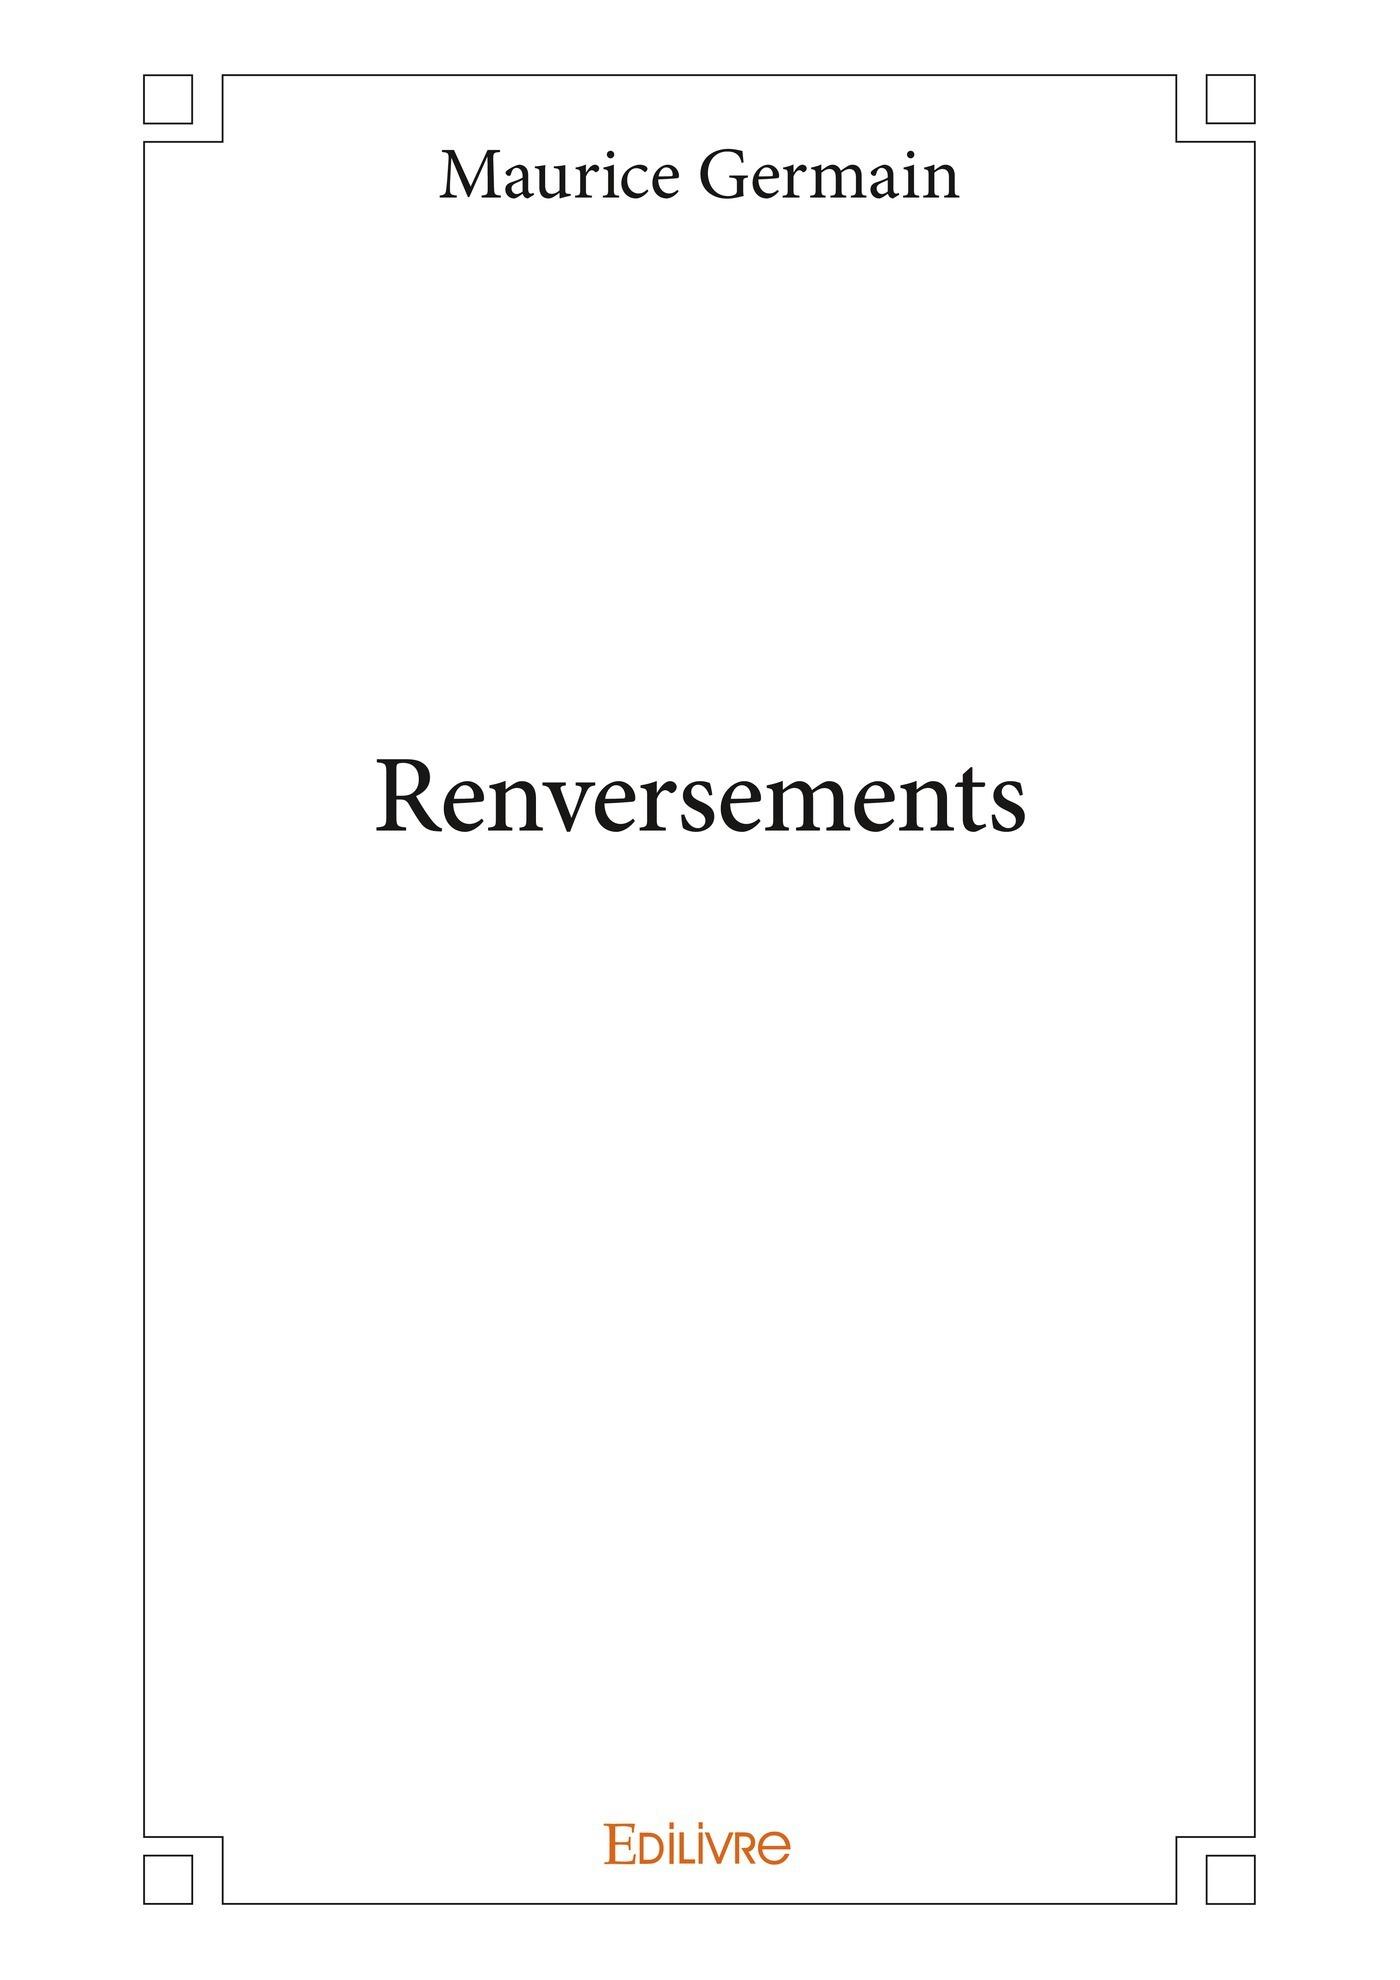 renversements